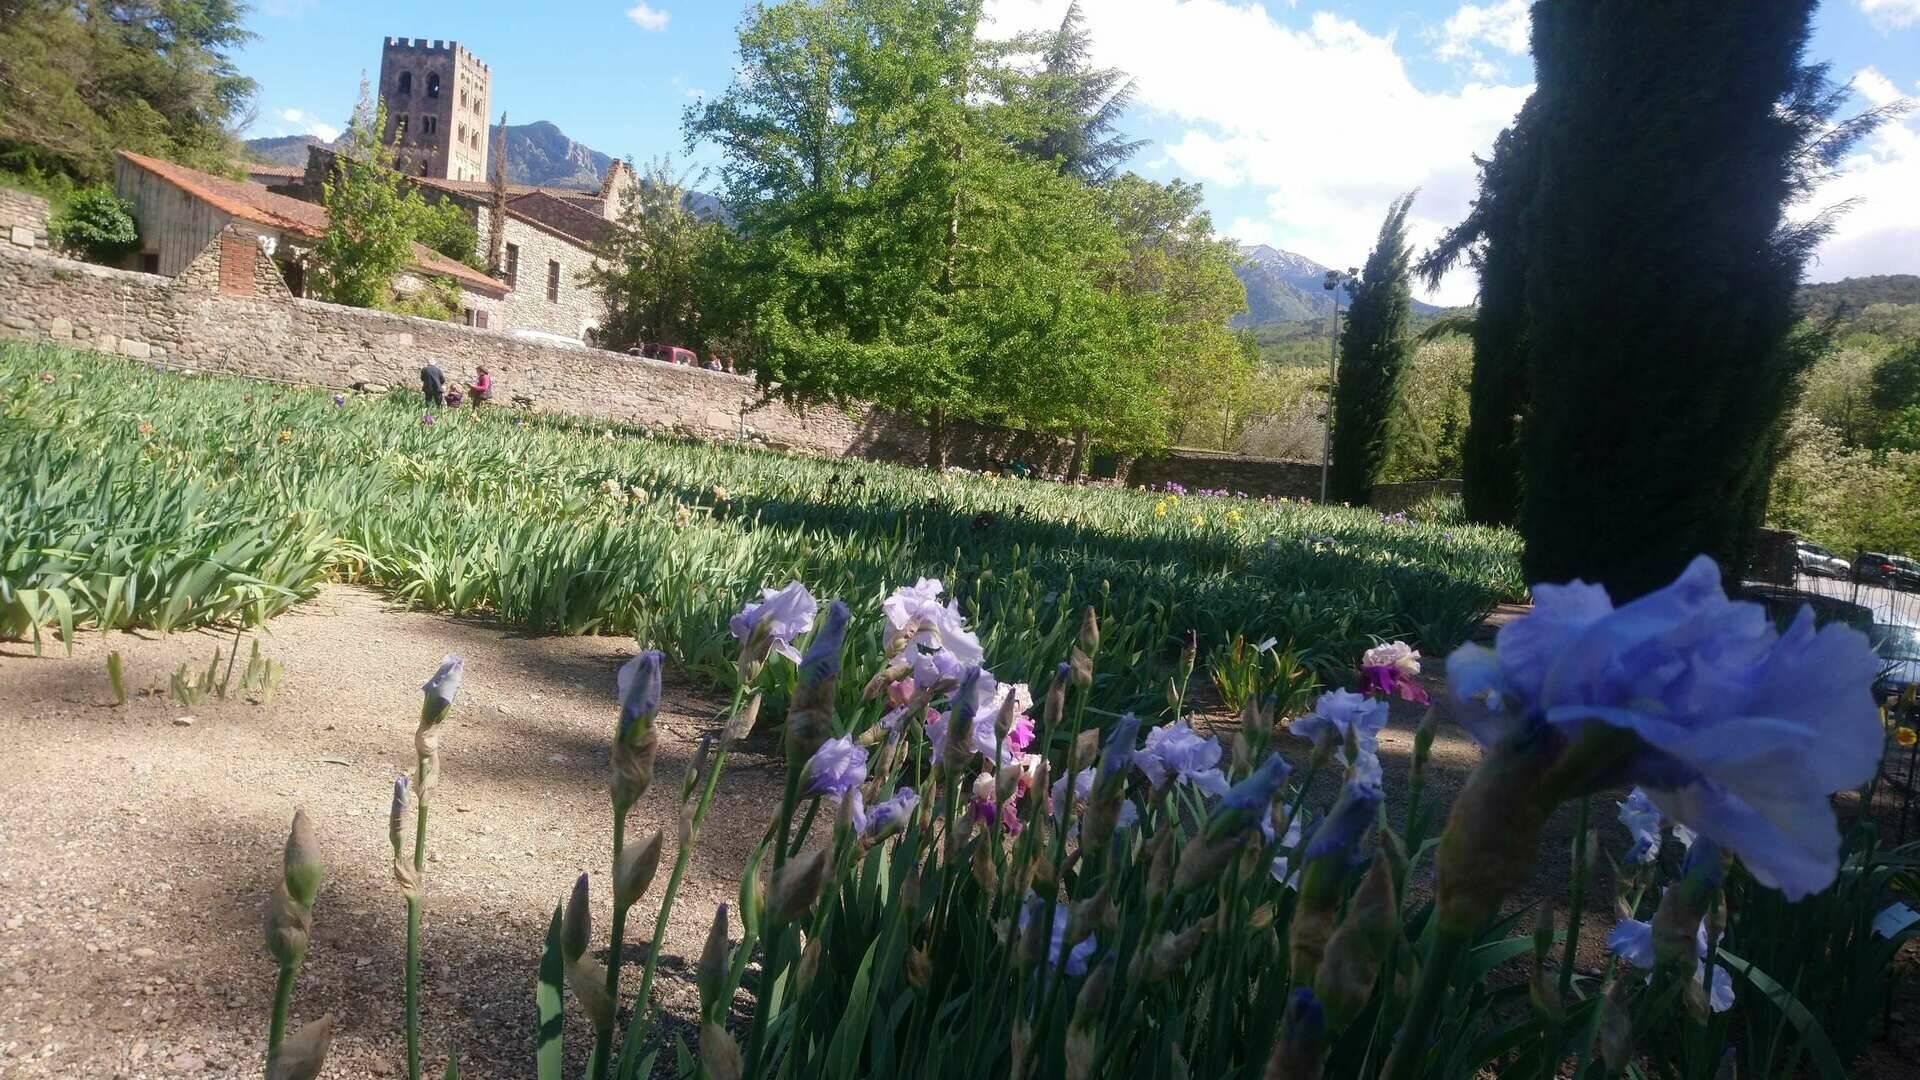 Iris de l'abbaye Saint Michel de Cuixa